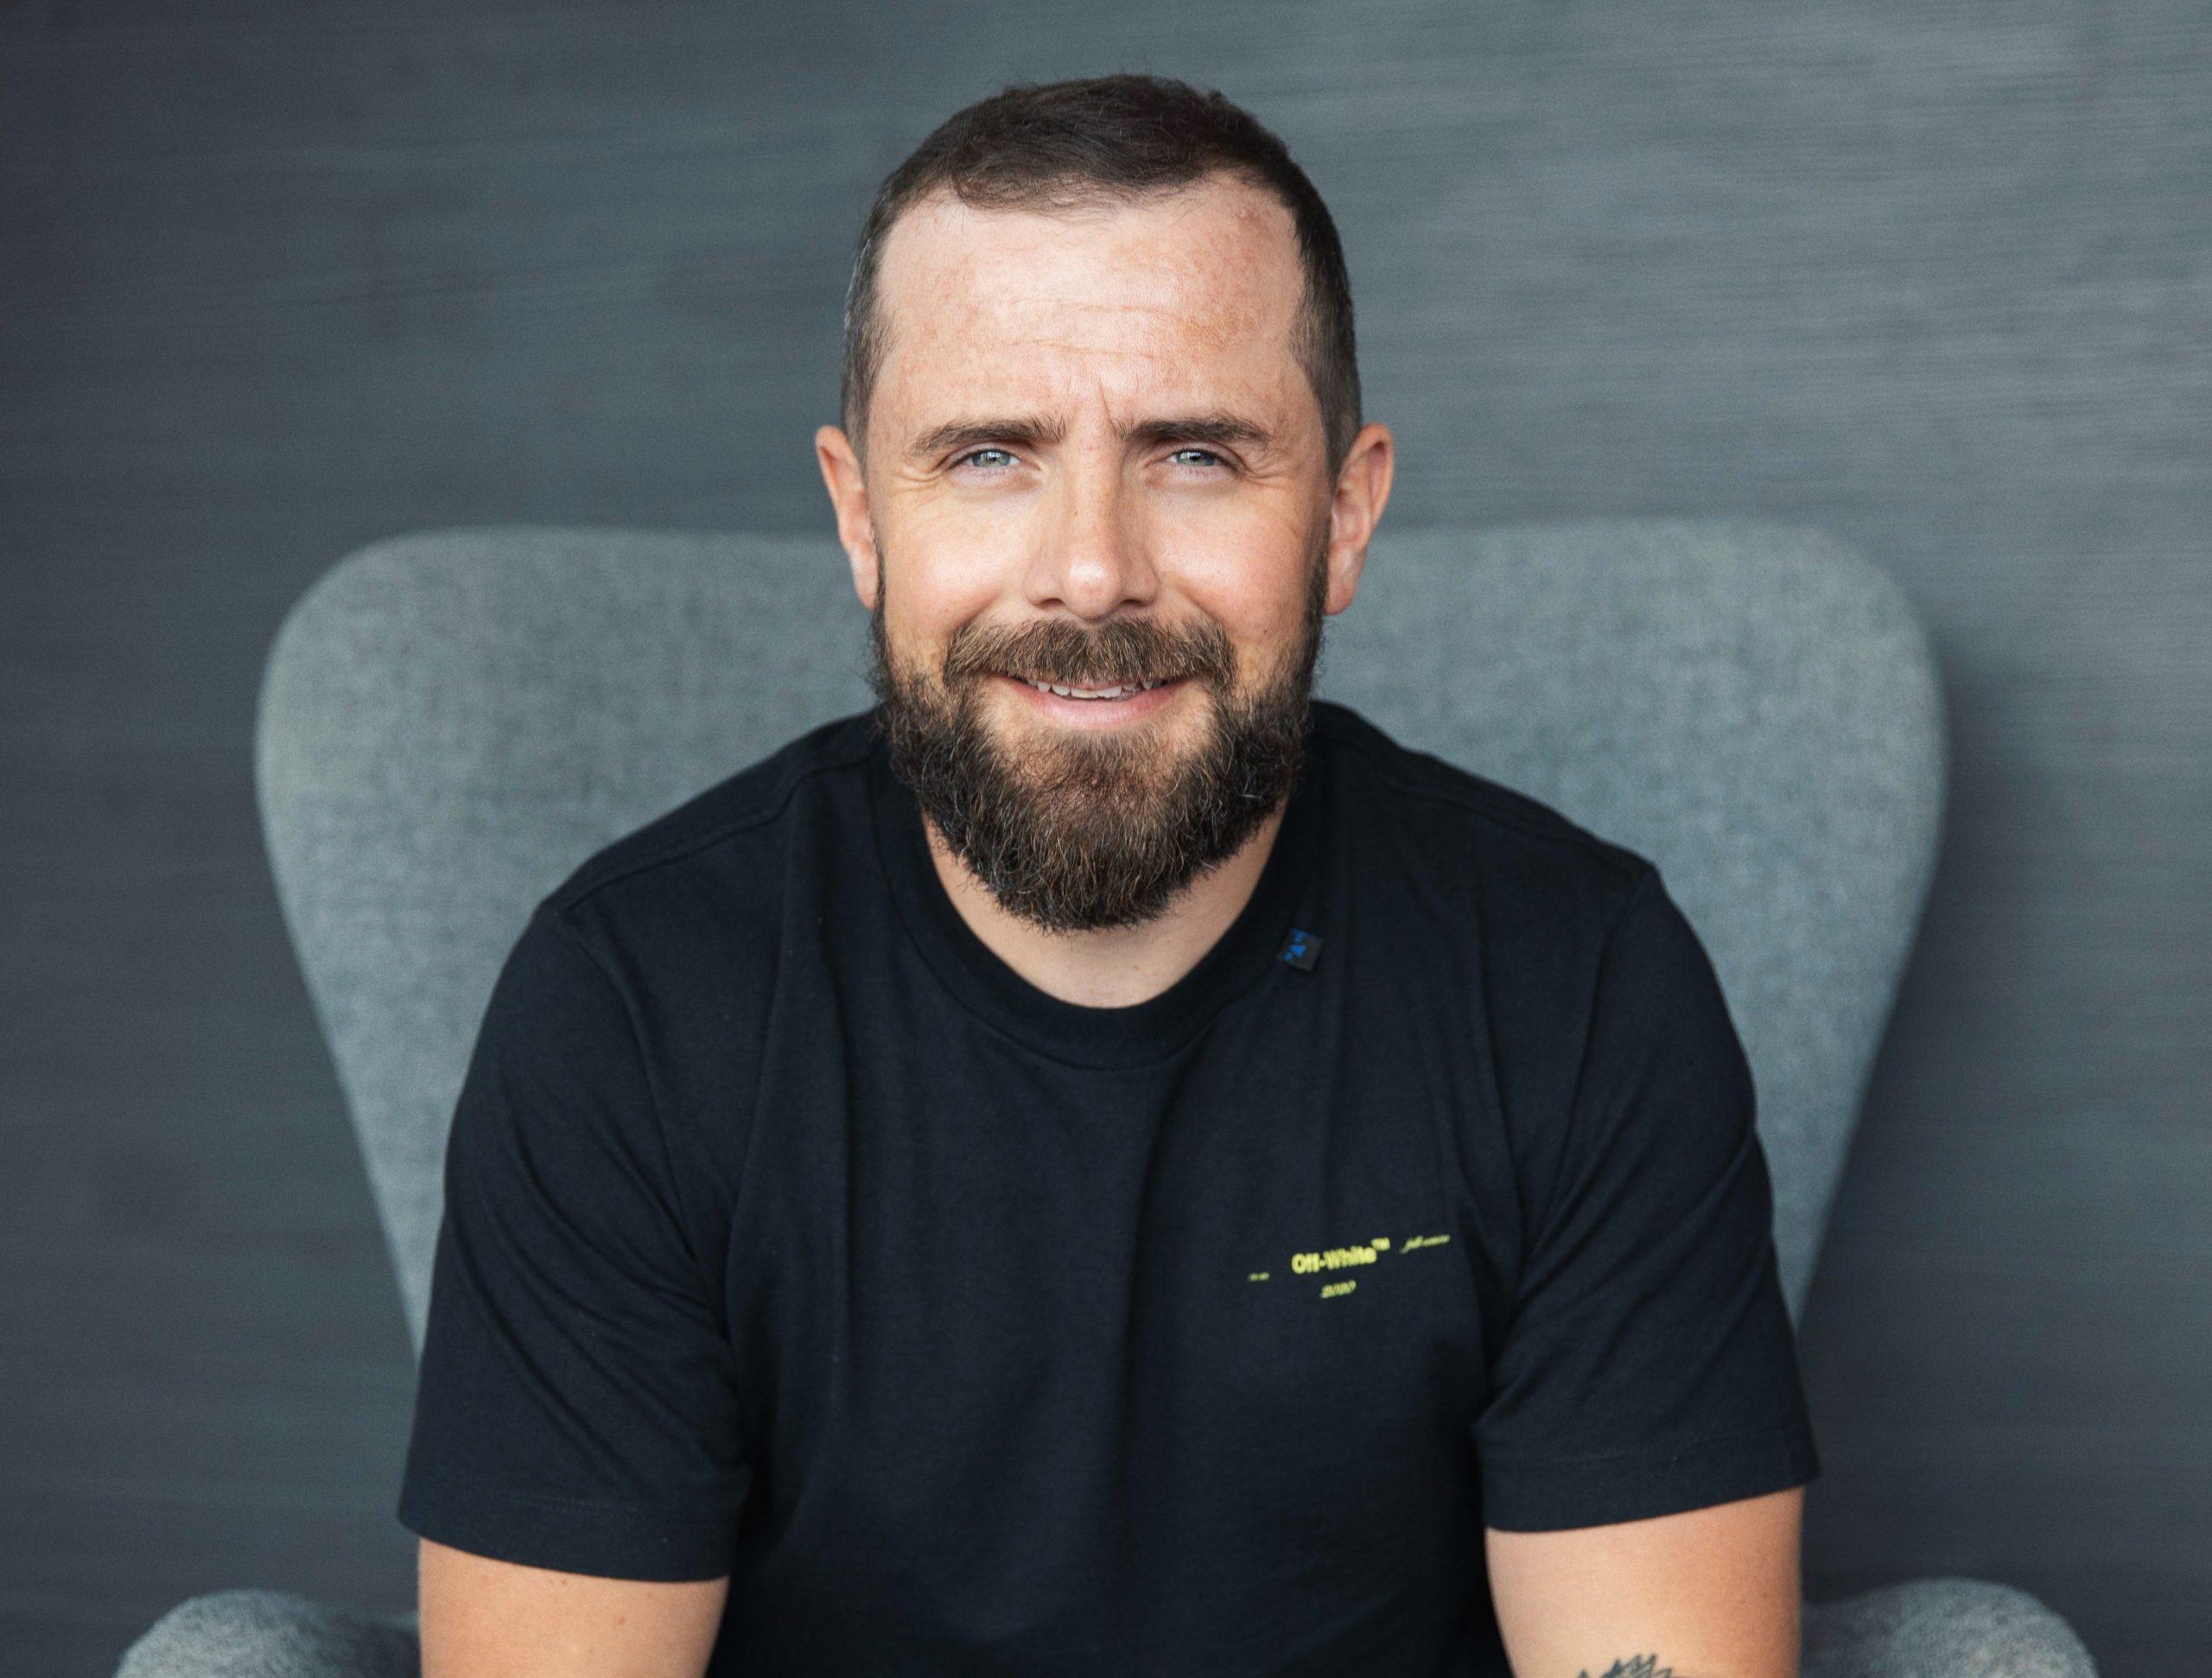 Six-figure investment for men's skincare business MESOA for Men